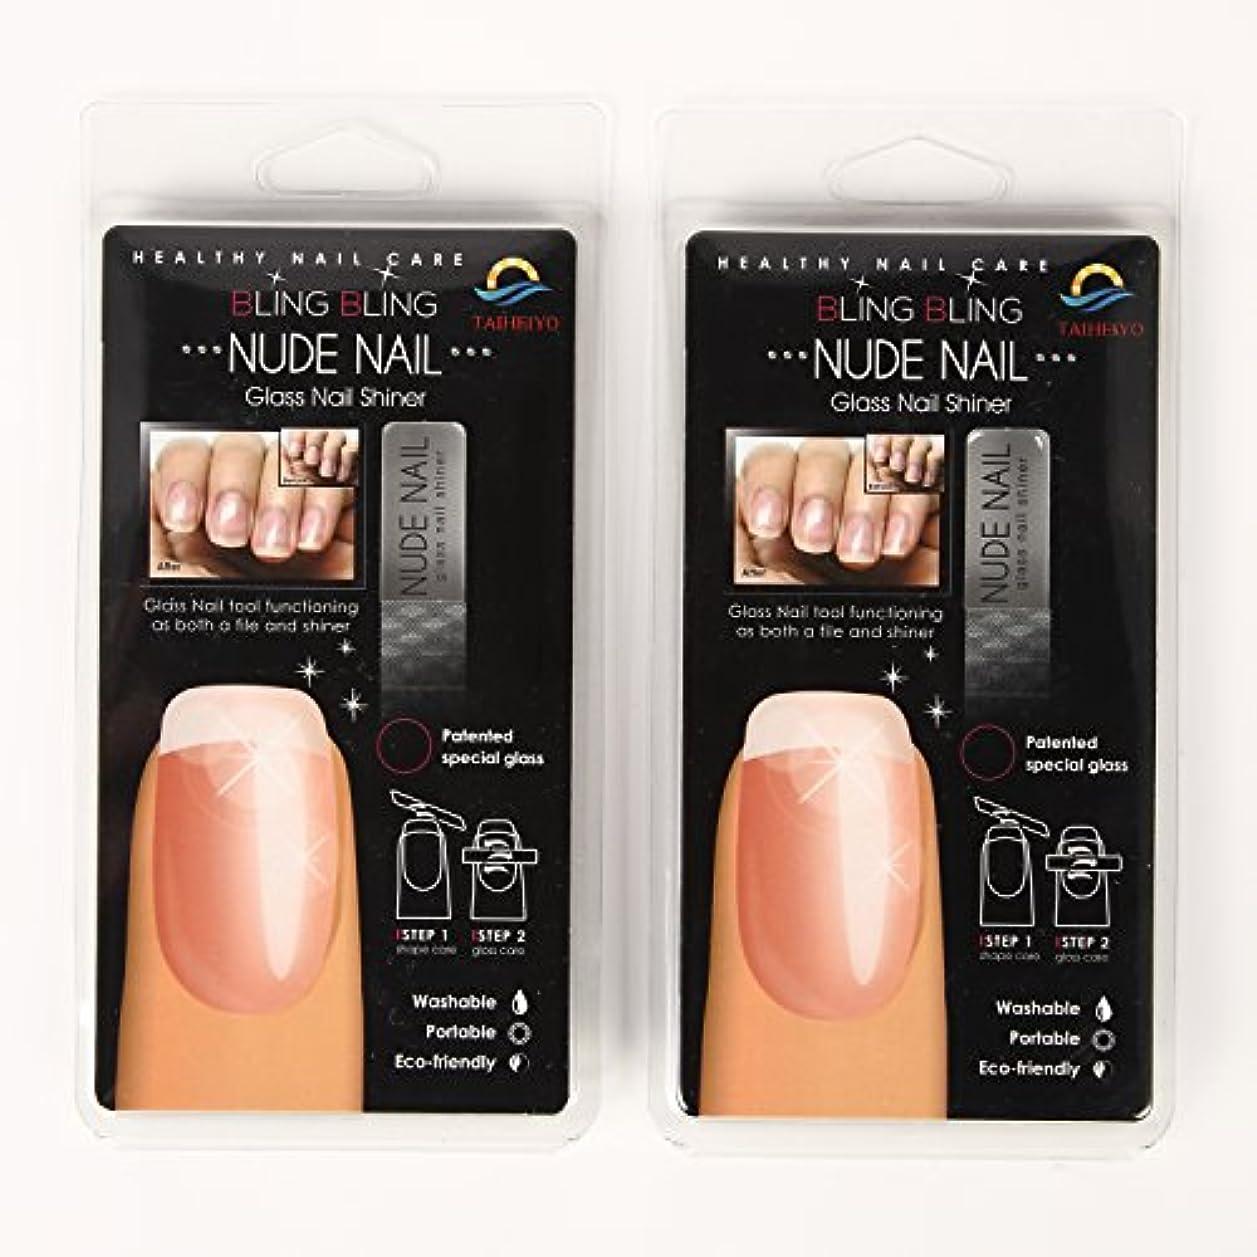 負荷無条件ドライブヌードネイル NUDE NAIL 2本SET ガラス製爪磨き ガラスネイルシャイナー GLASS NAIL SHINER TAIHEIYO (2本SET)